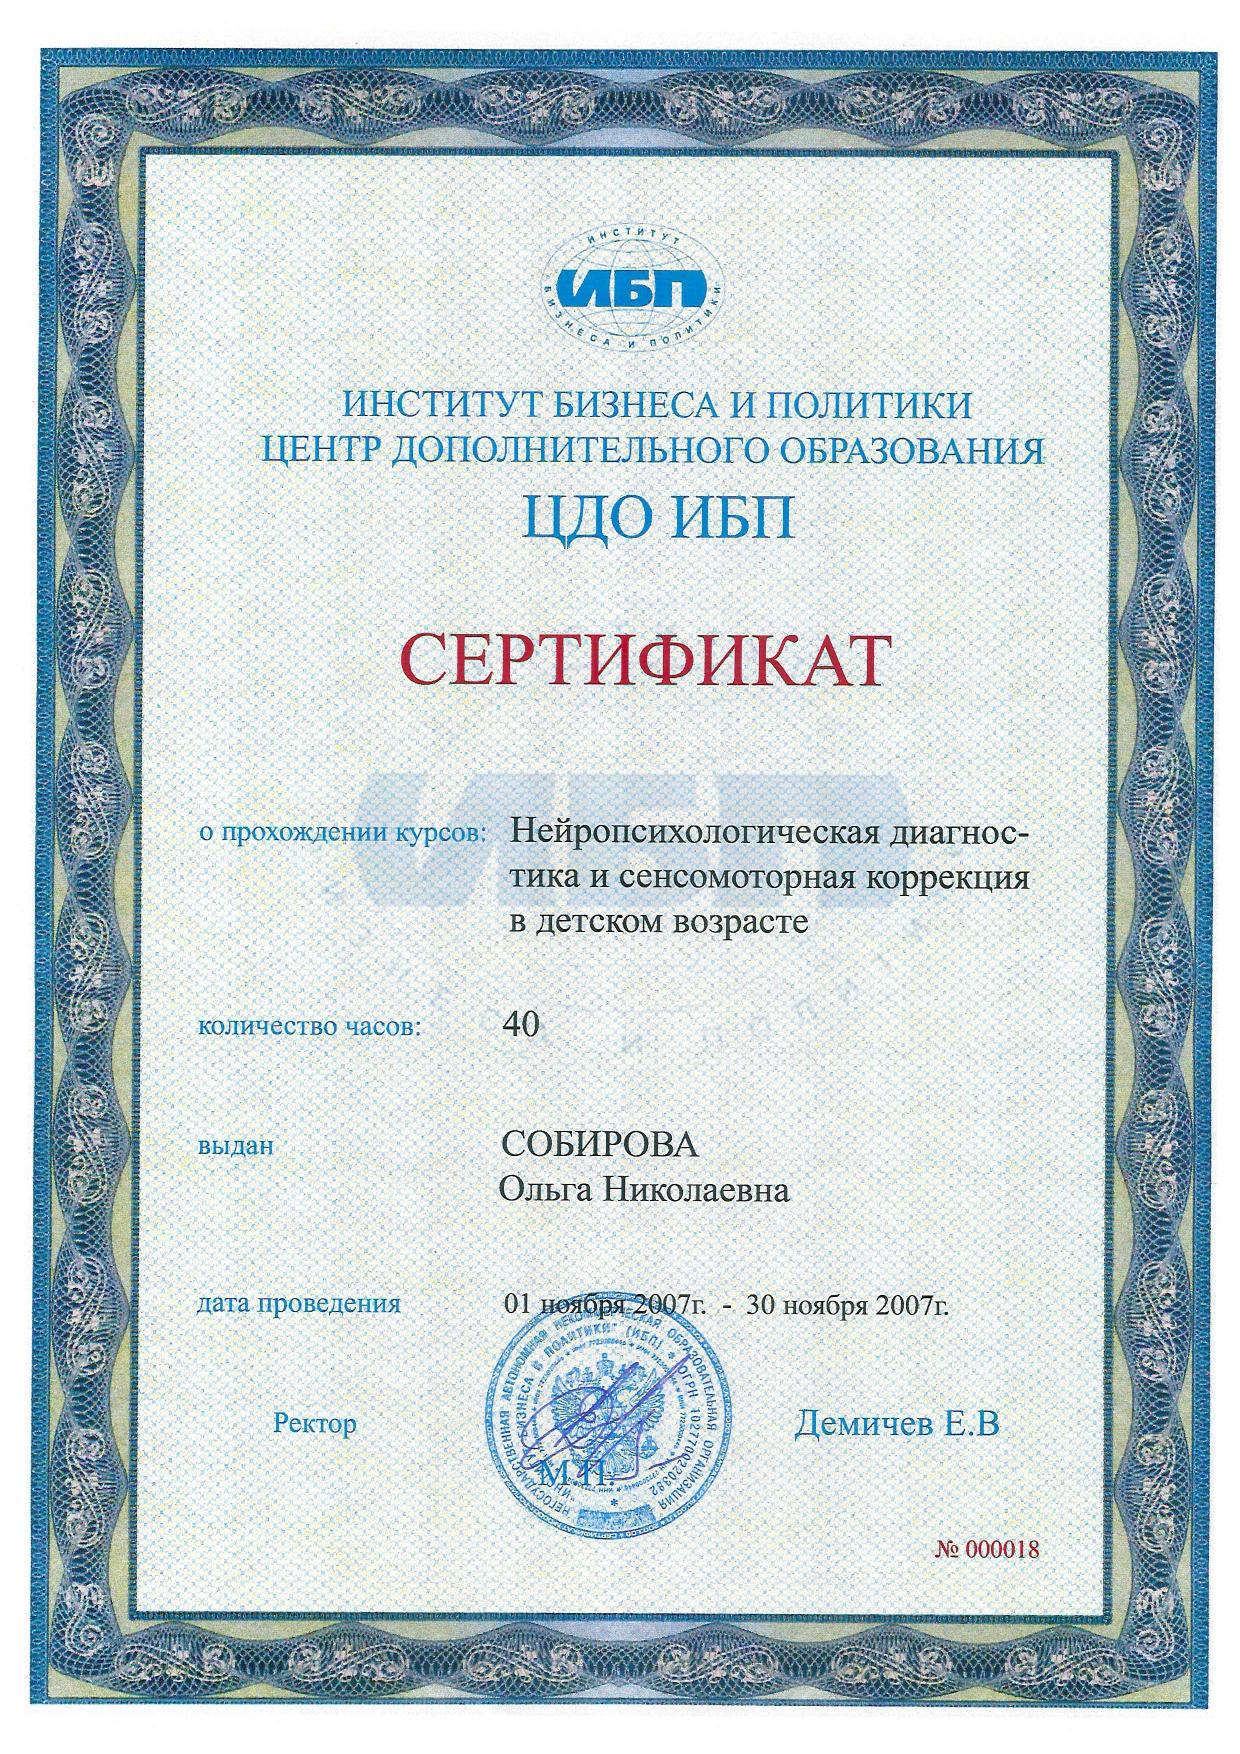 2007 Сертификат Нейродиагностика